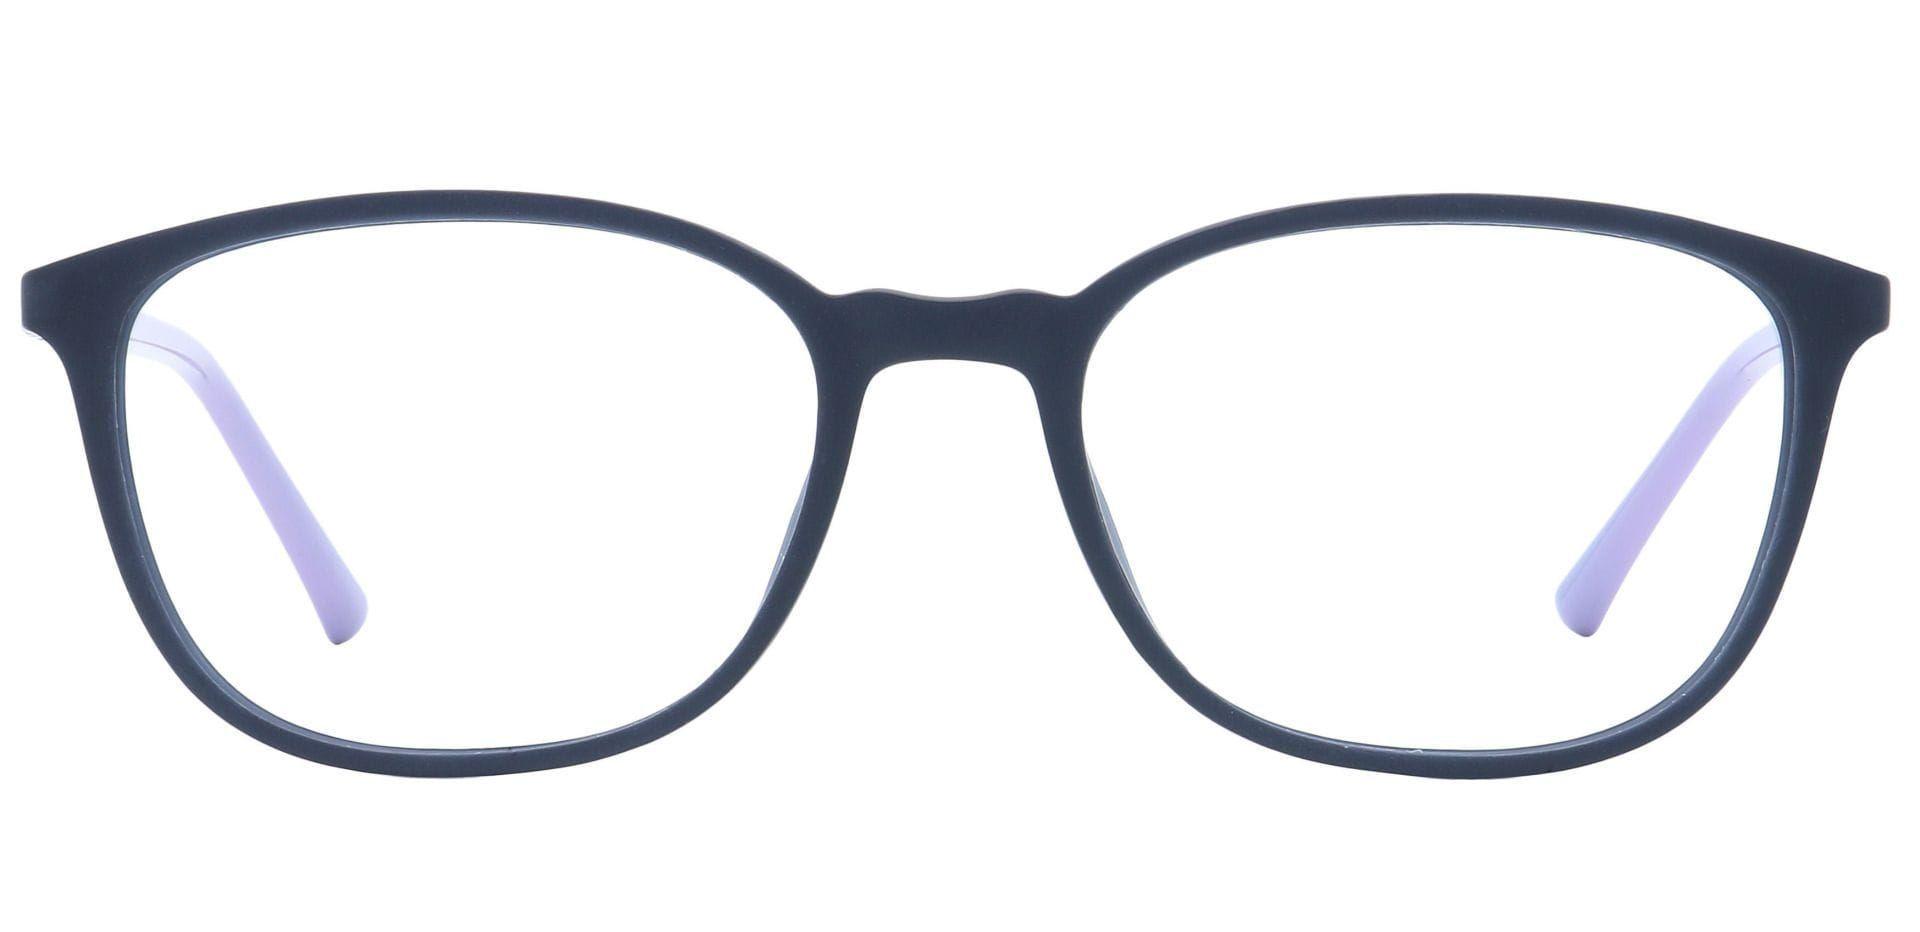 Karleen Oval Progressive Glasses - Gray